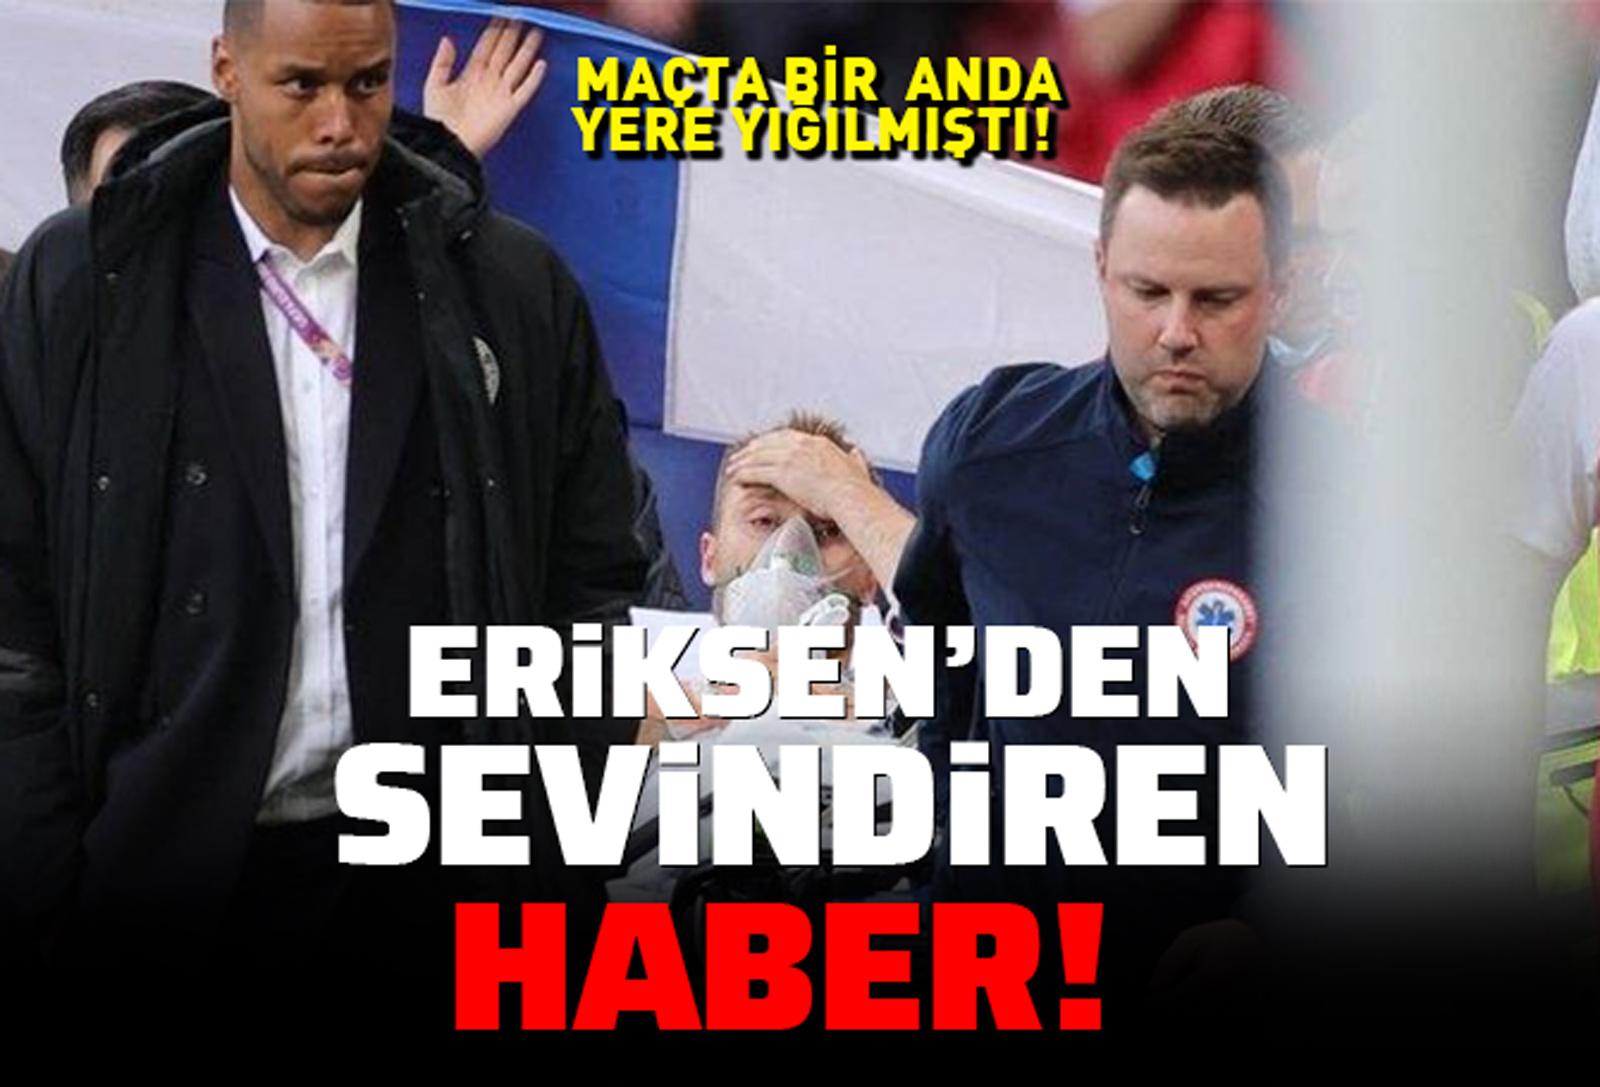 Maçta bir anda yere yığılmıştı: Christian Eriksen'in sağlık durumu belli oldu!